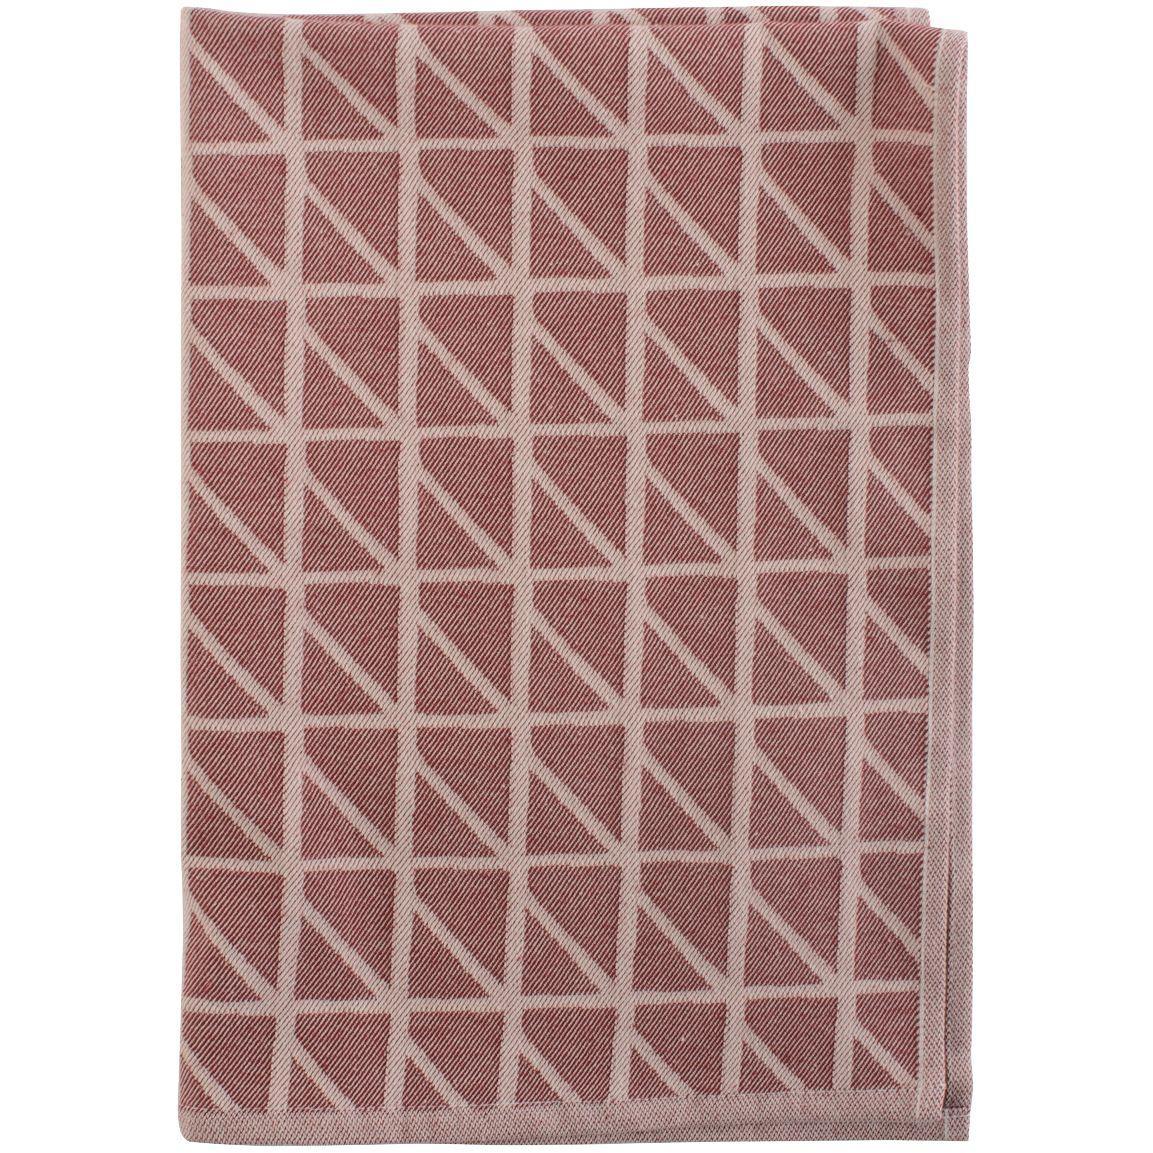 Кухонное полотенце Twist, бордовое (артикул 10633.55)